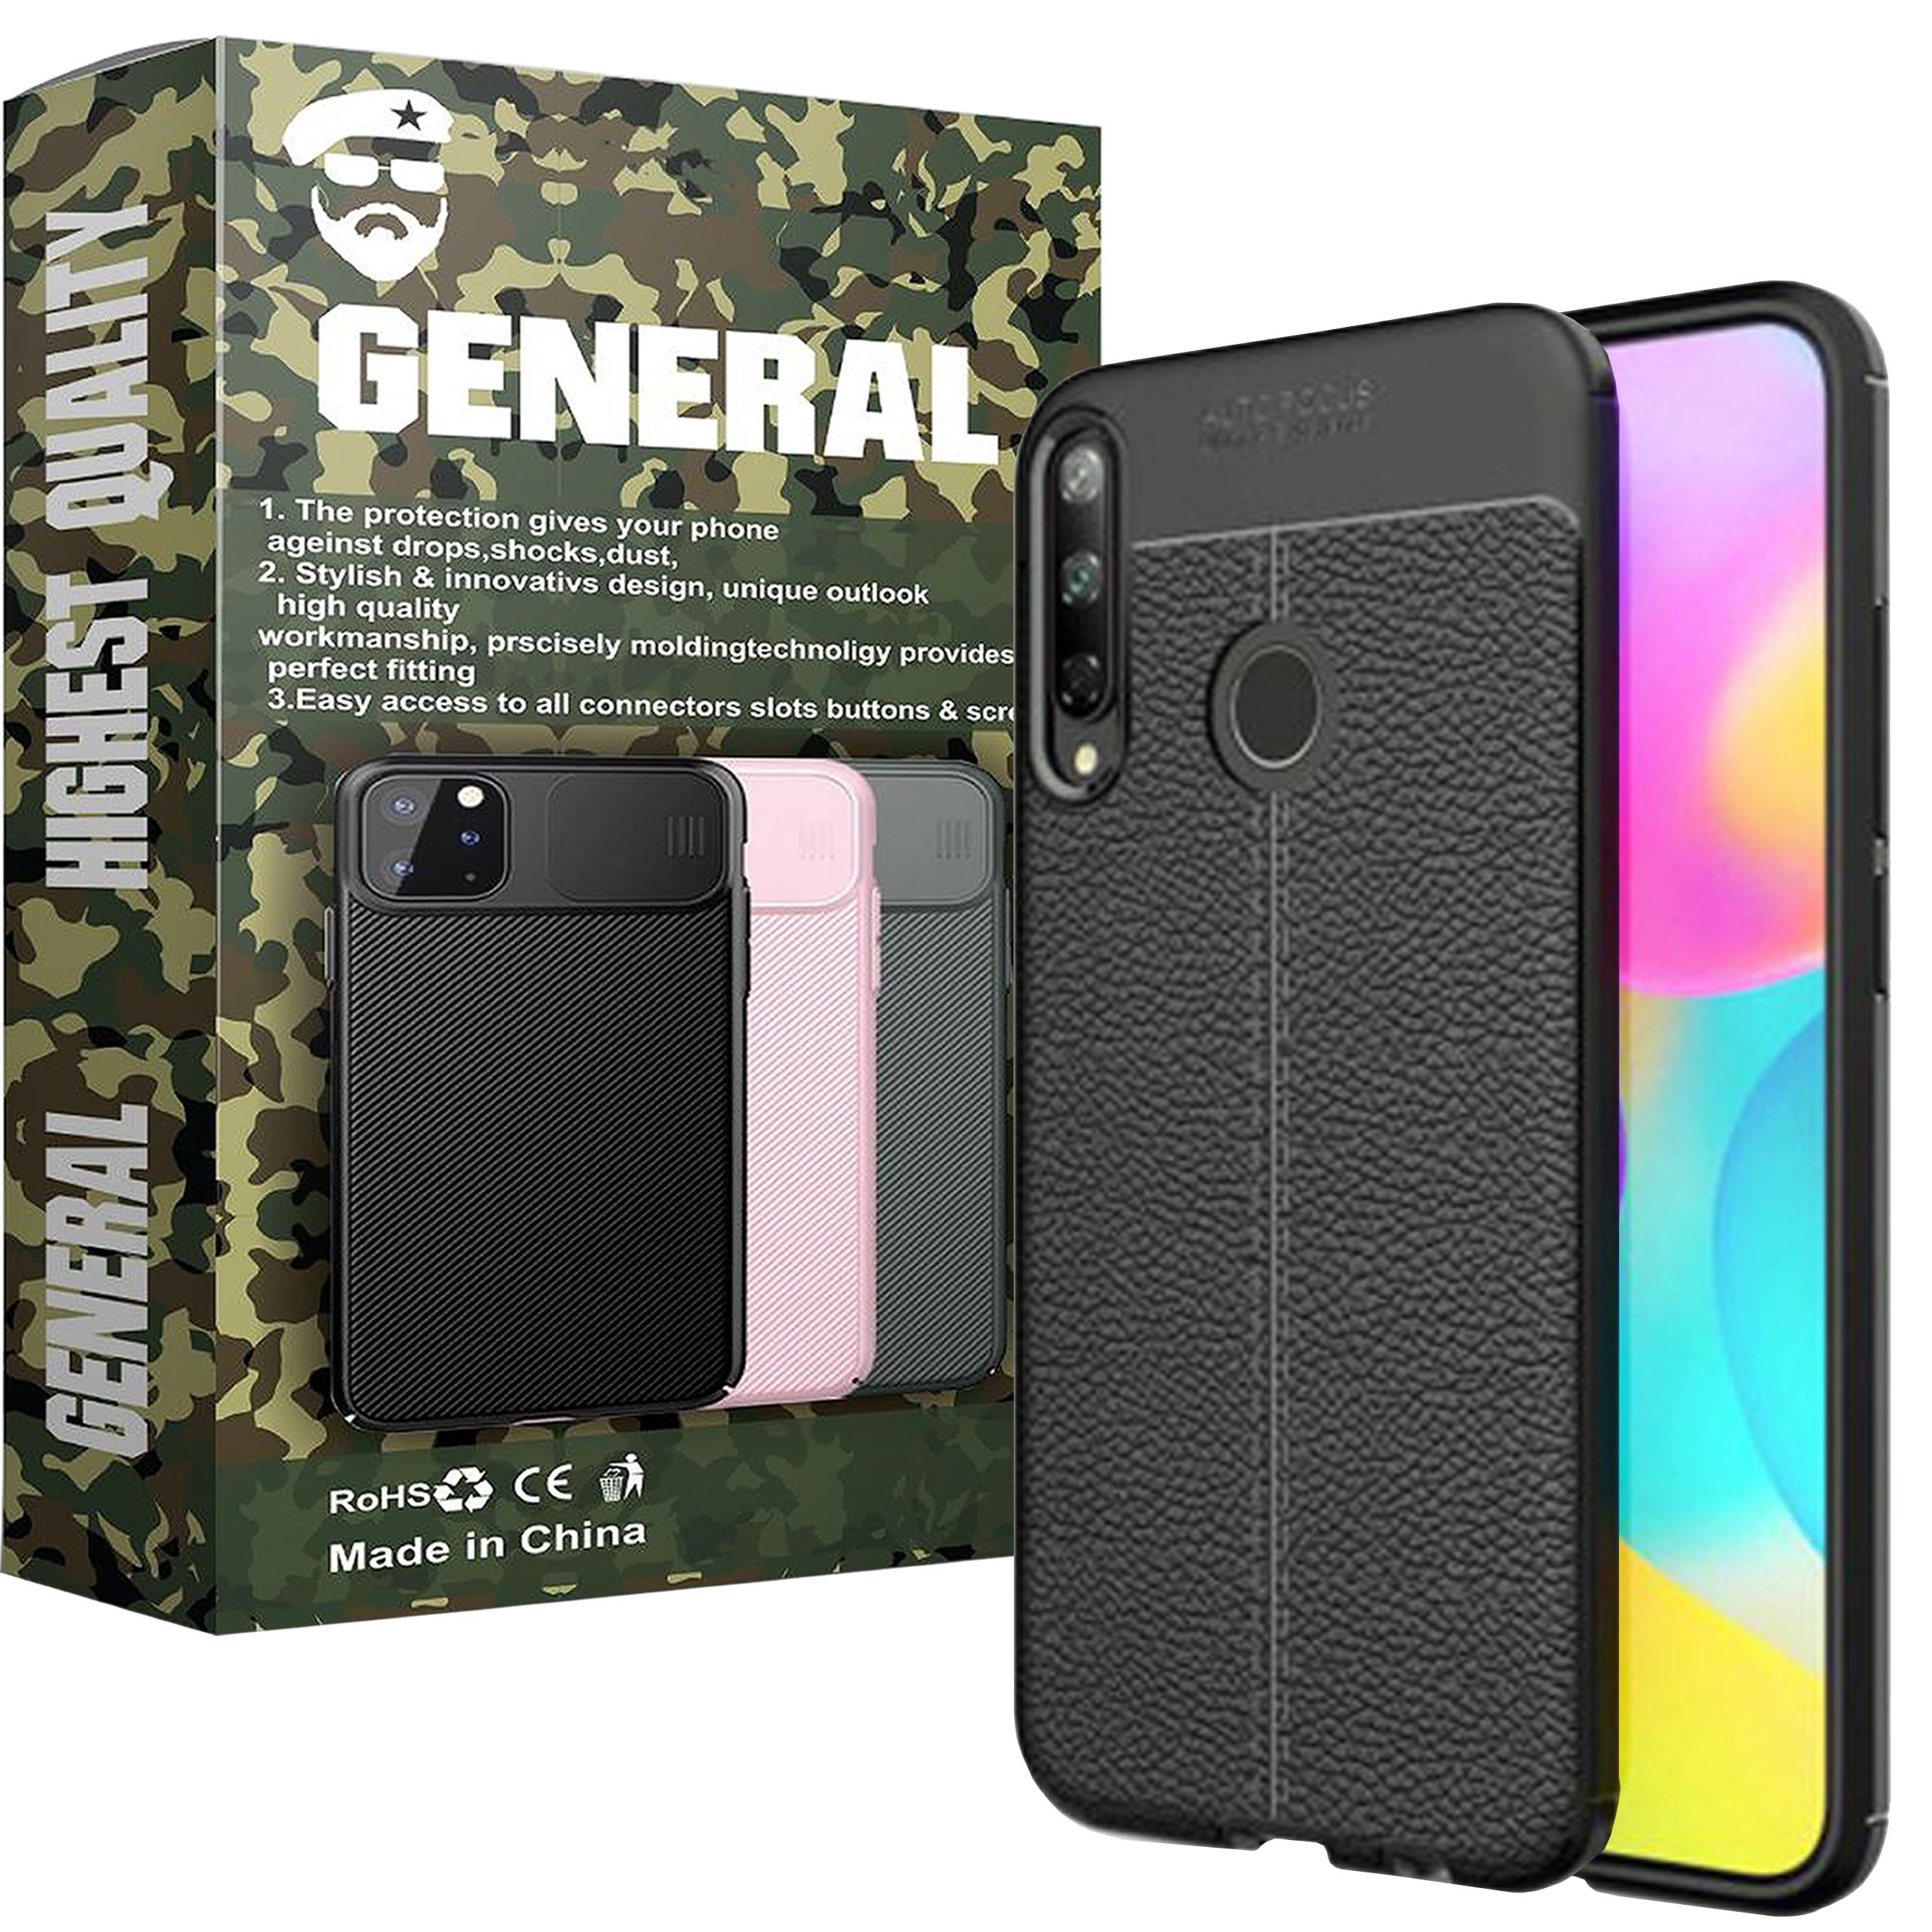 کاور ژنرال مدل A1F مناسب برای گوشی موبایل هوآوی Y7P 2020 thumb 2 1